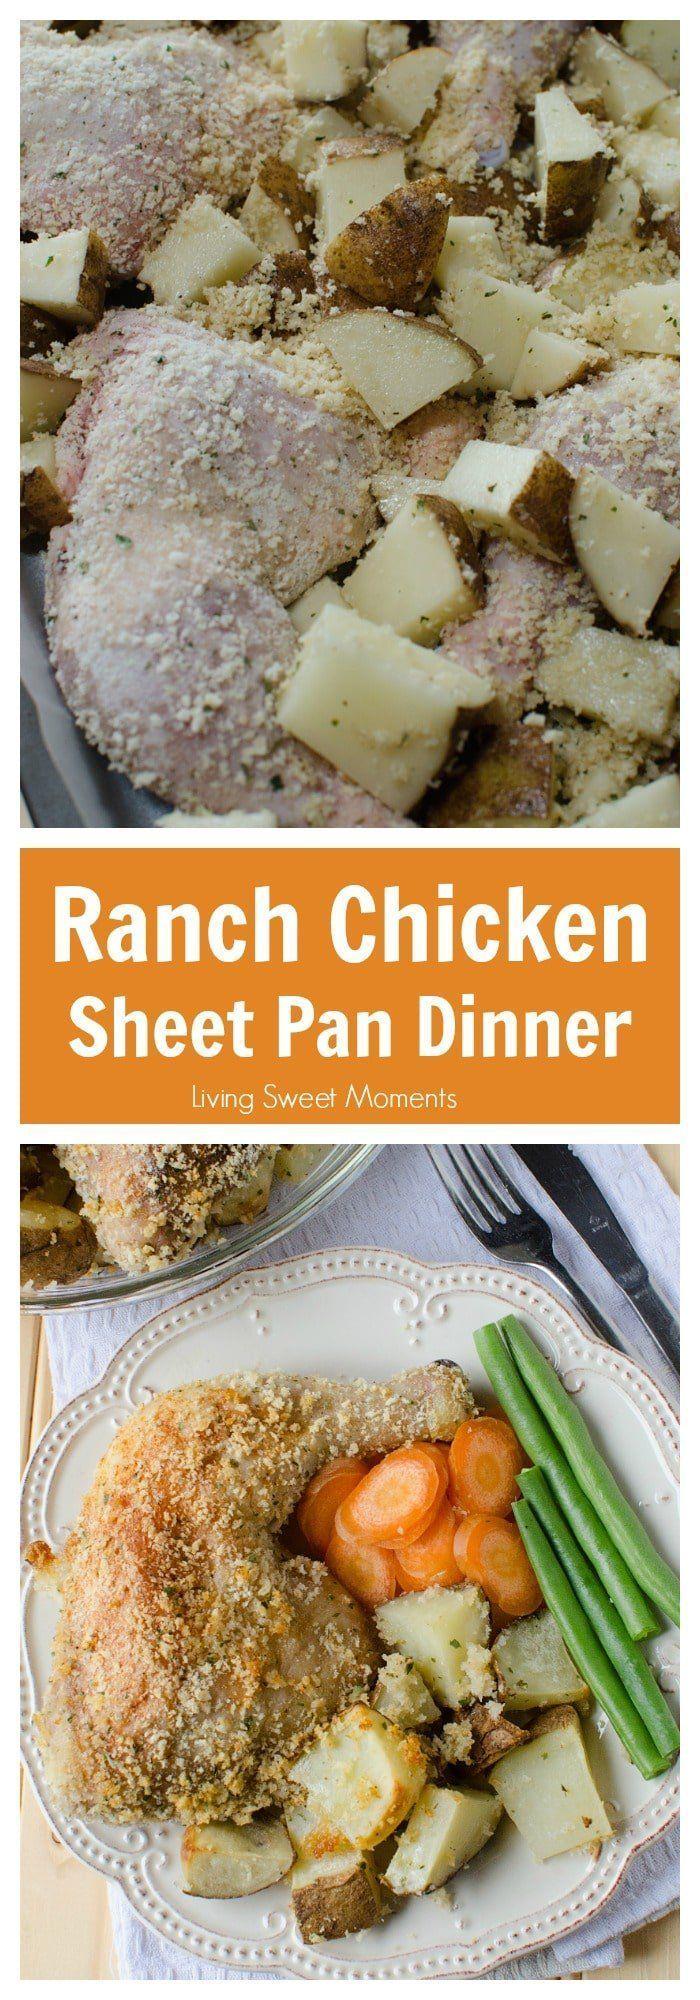 Ranch Potatoes And Chicken Sheet Pan Dinner #onepandinnerschicken